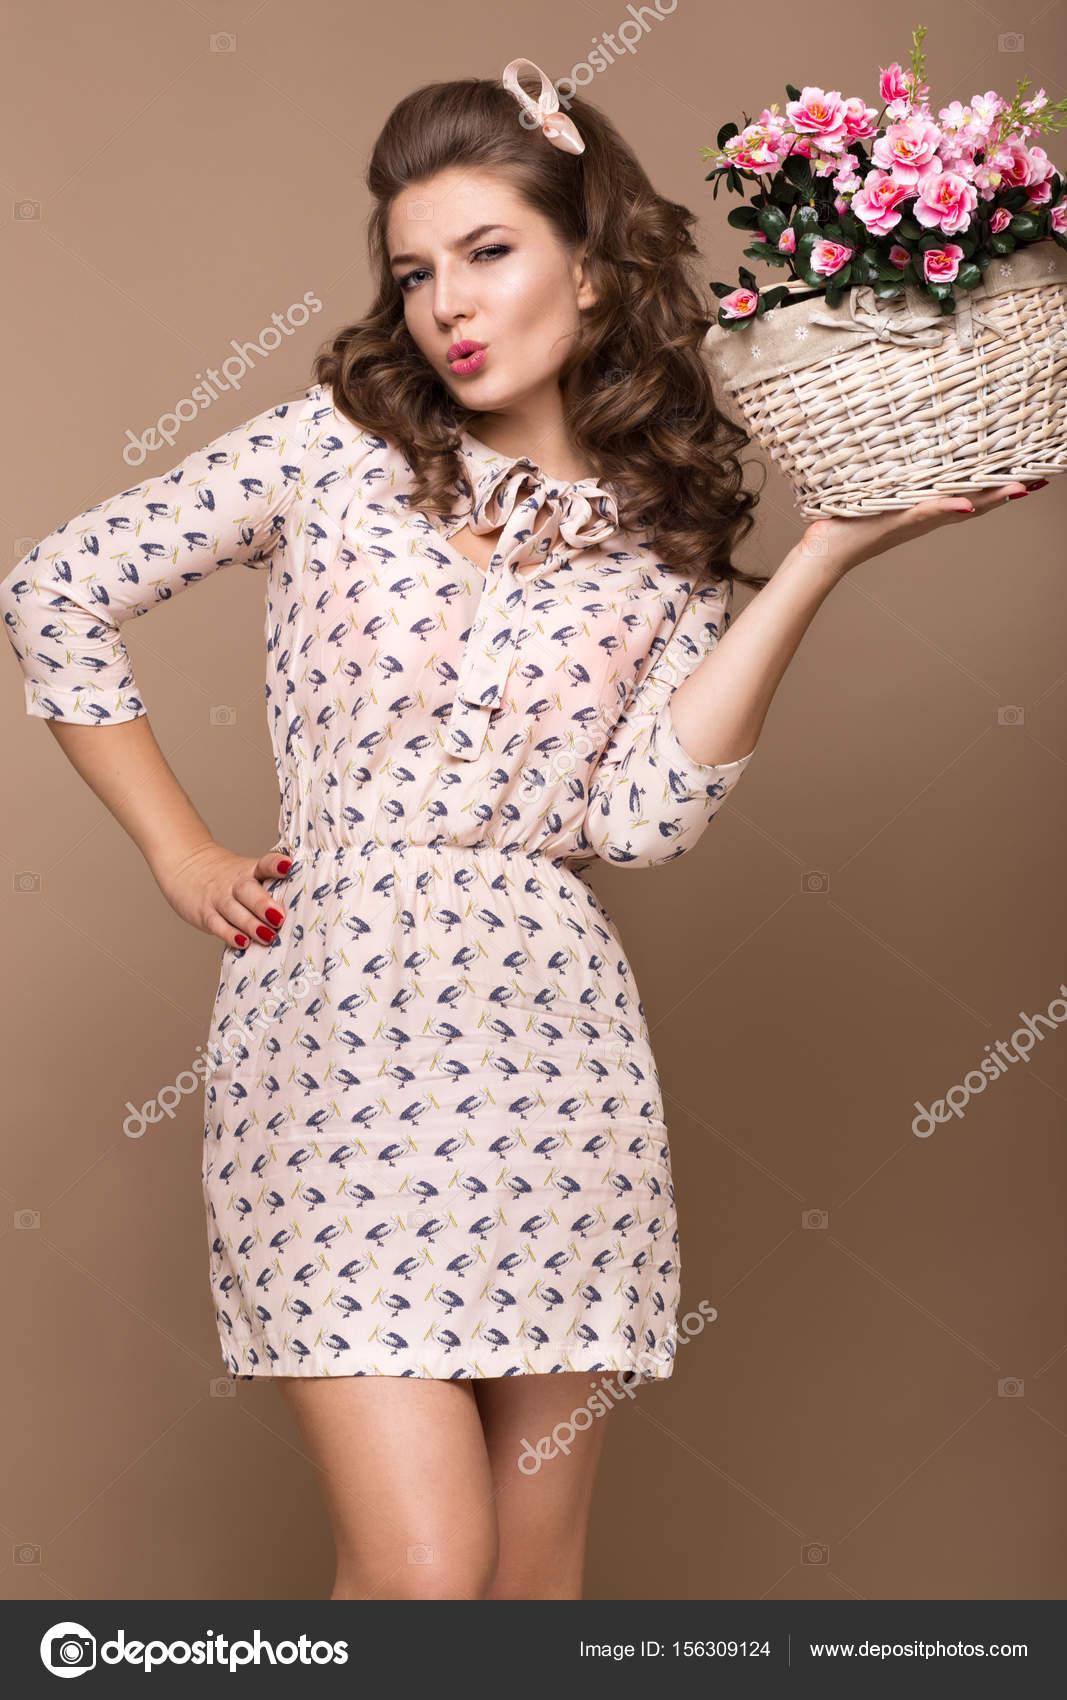 douce jeune fille, robe en soie légère, sourire, rétro boucles style